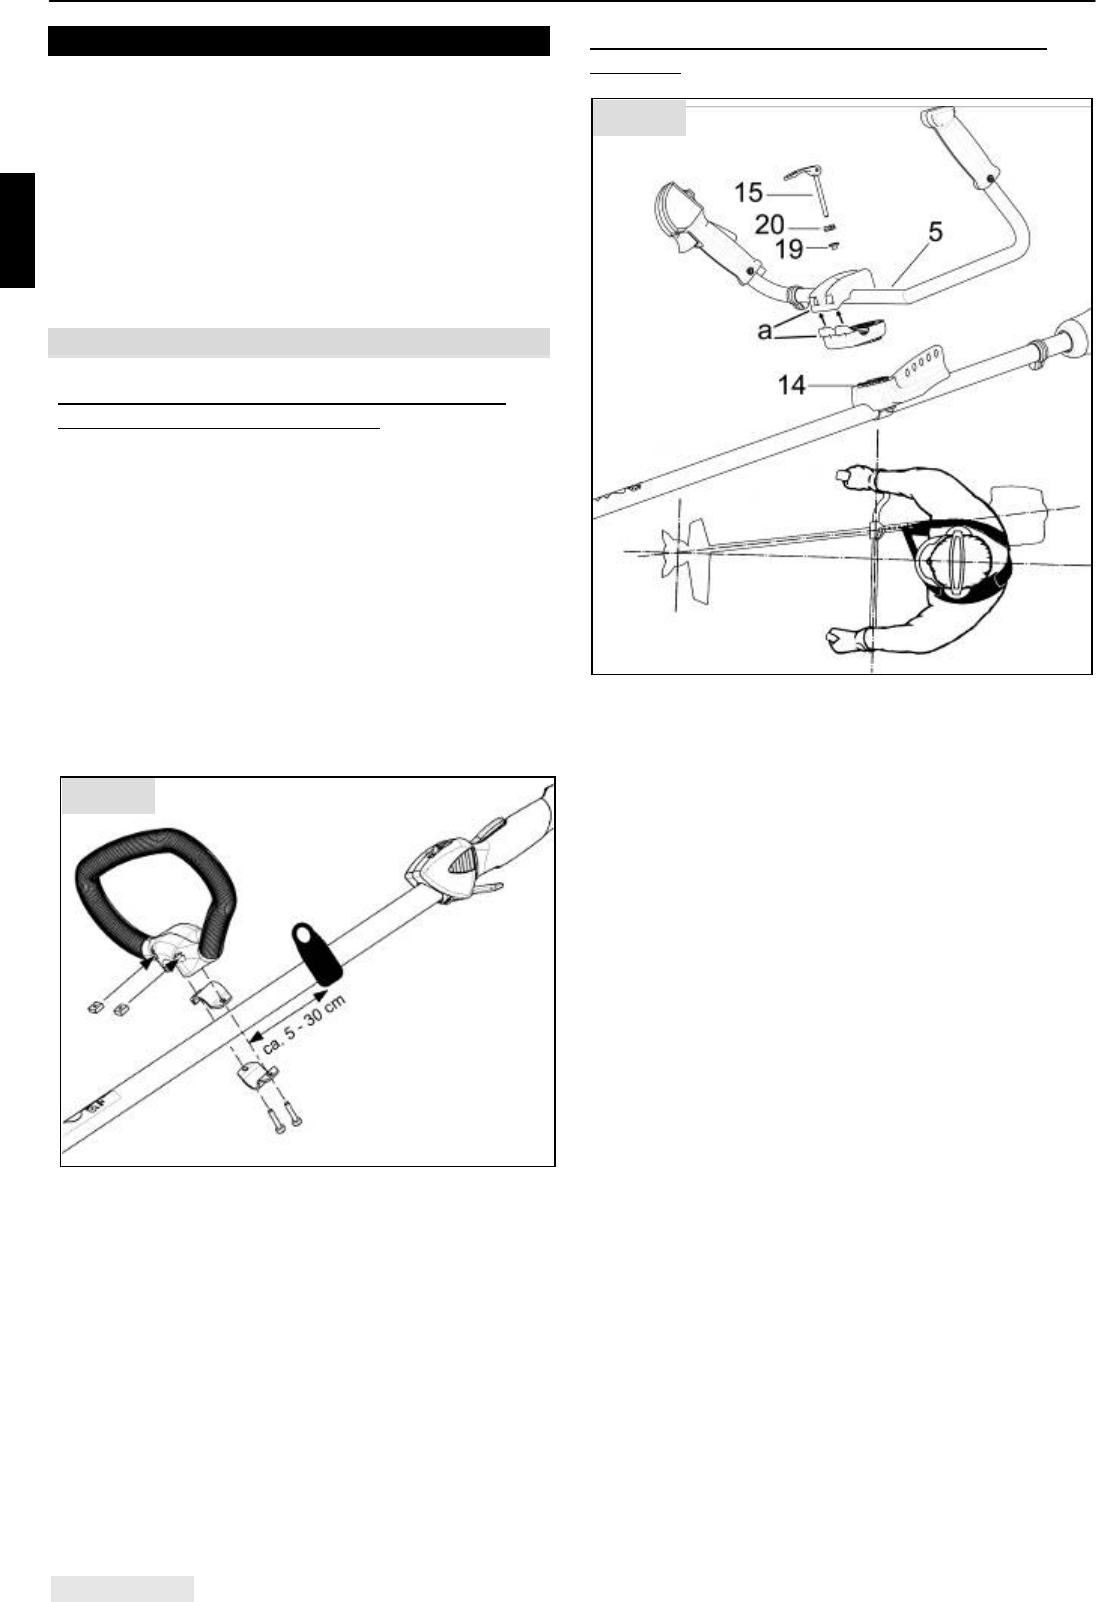 Bedienungsanleitung Solo 133L (Seite 11 von 23) (Deutsch)